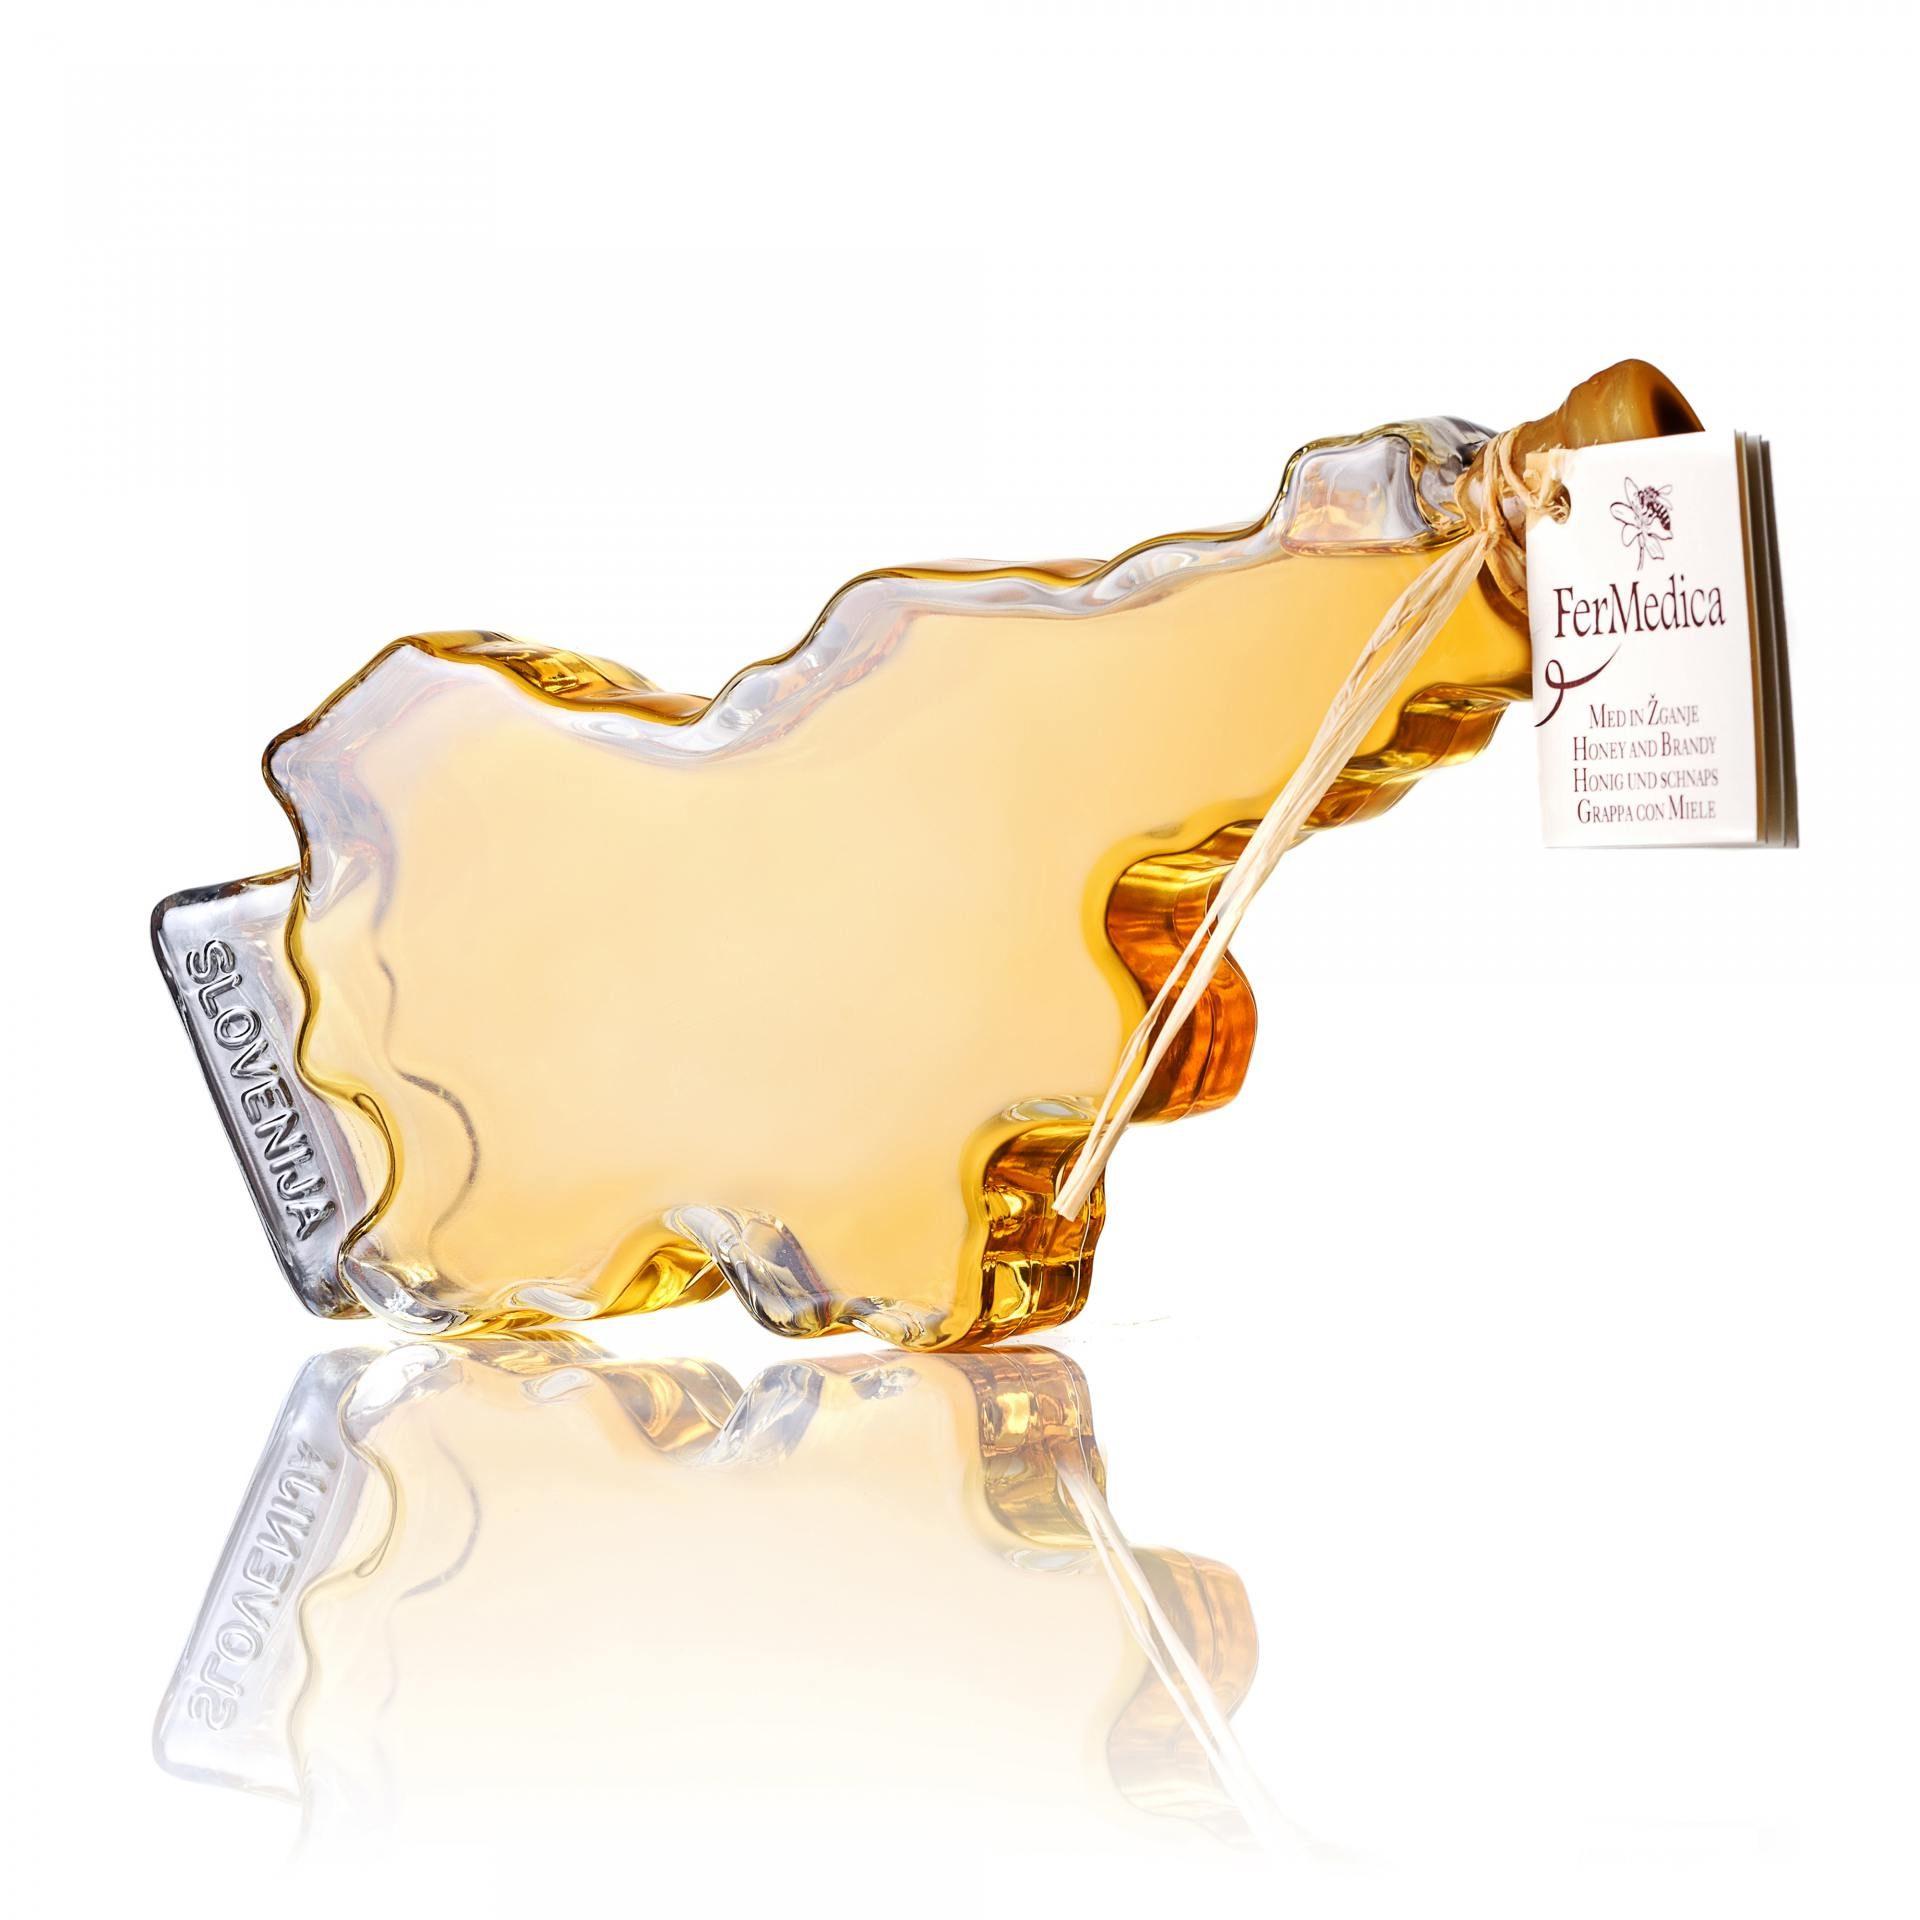 Med in žganje, med z dodatki, darilni seti v lični embalaži fermedica 18